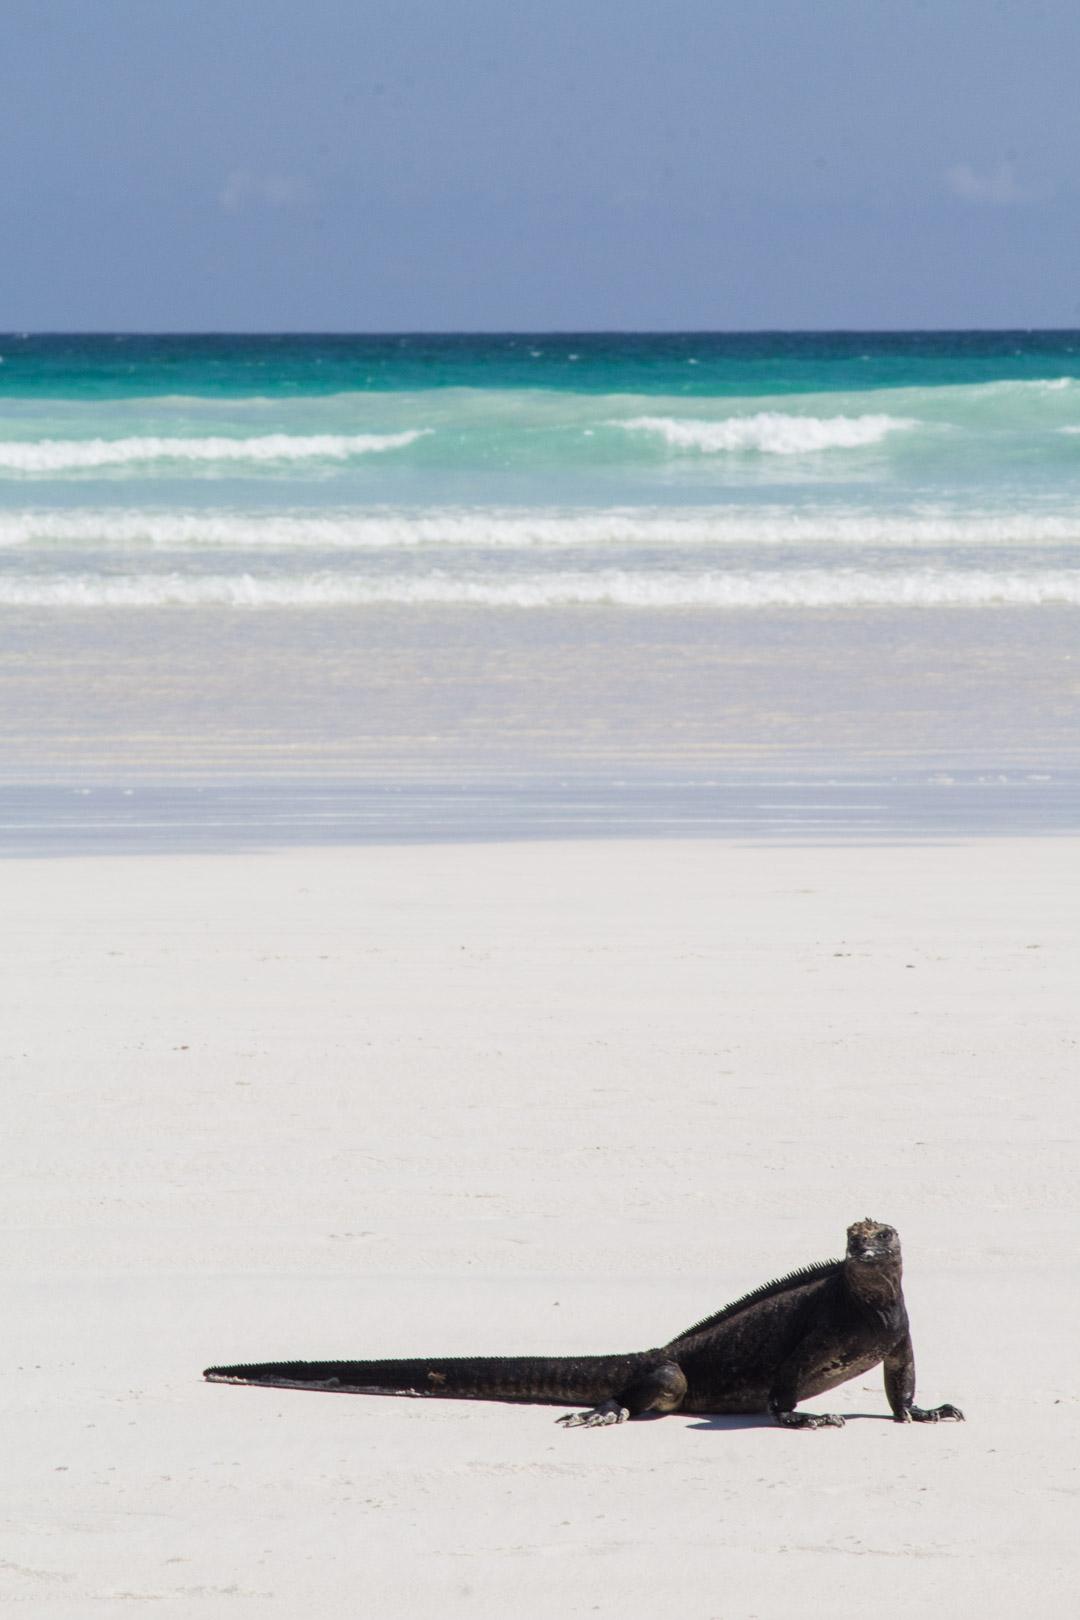 merileguaani Tortuga Bayn rannalla Santa Cruzin saarella Galapagossaarilla